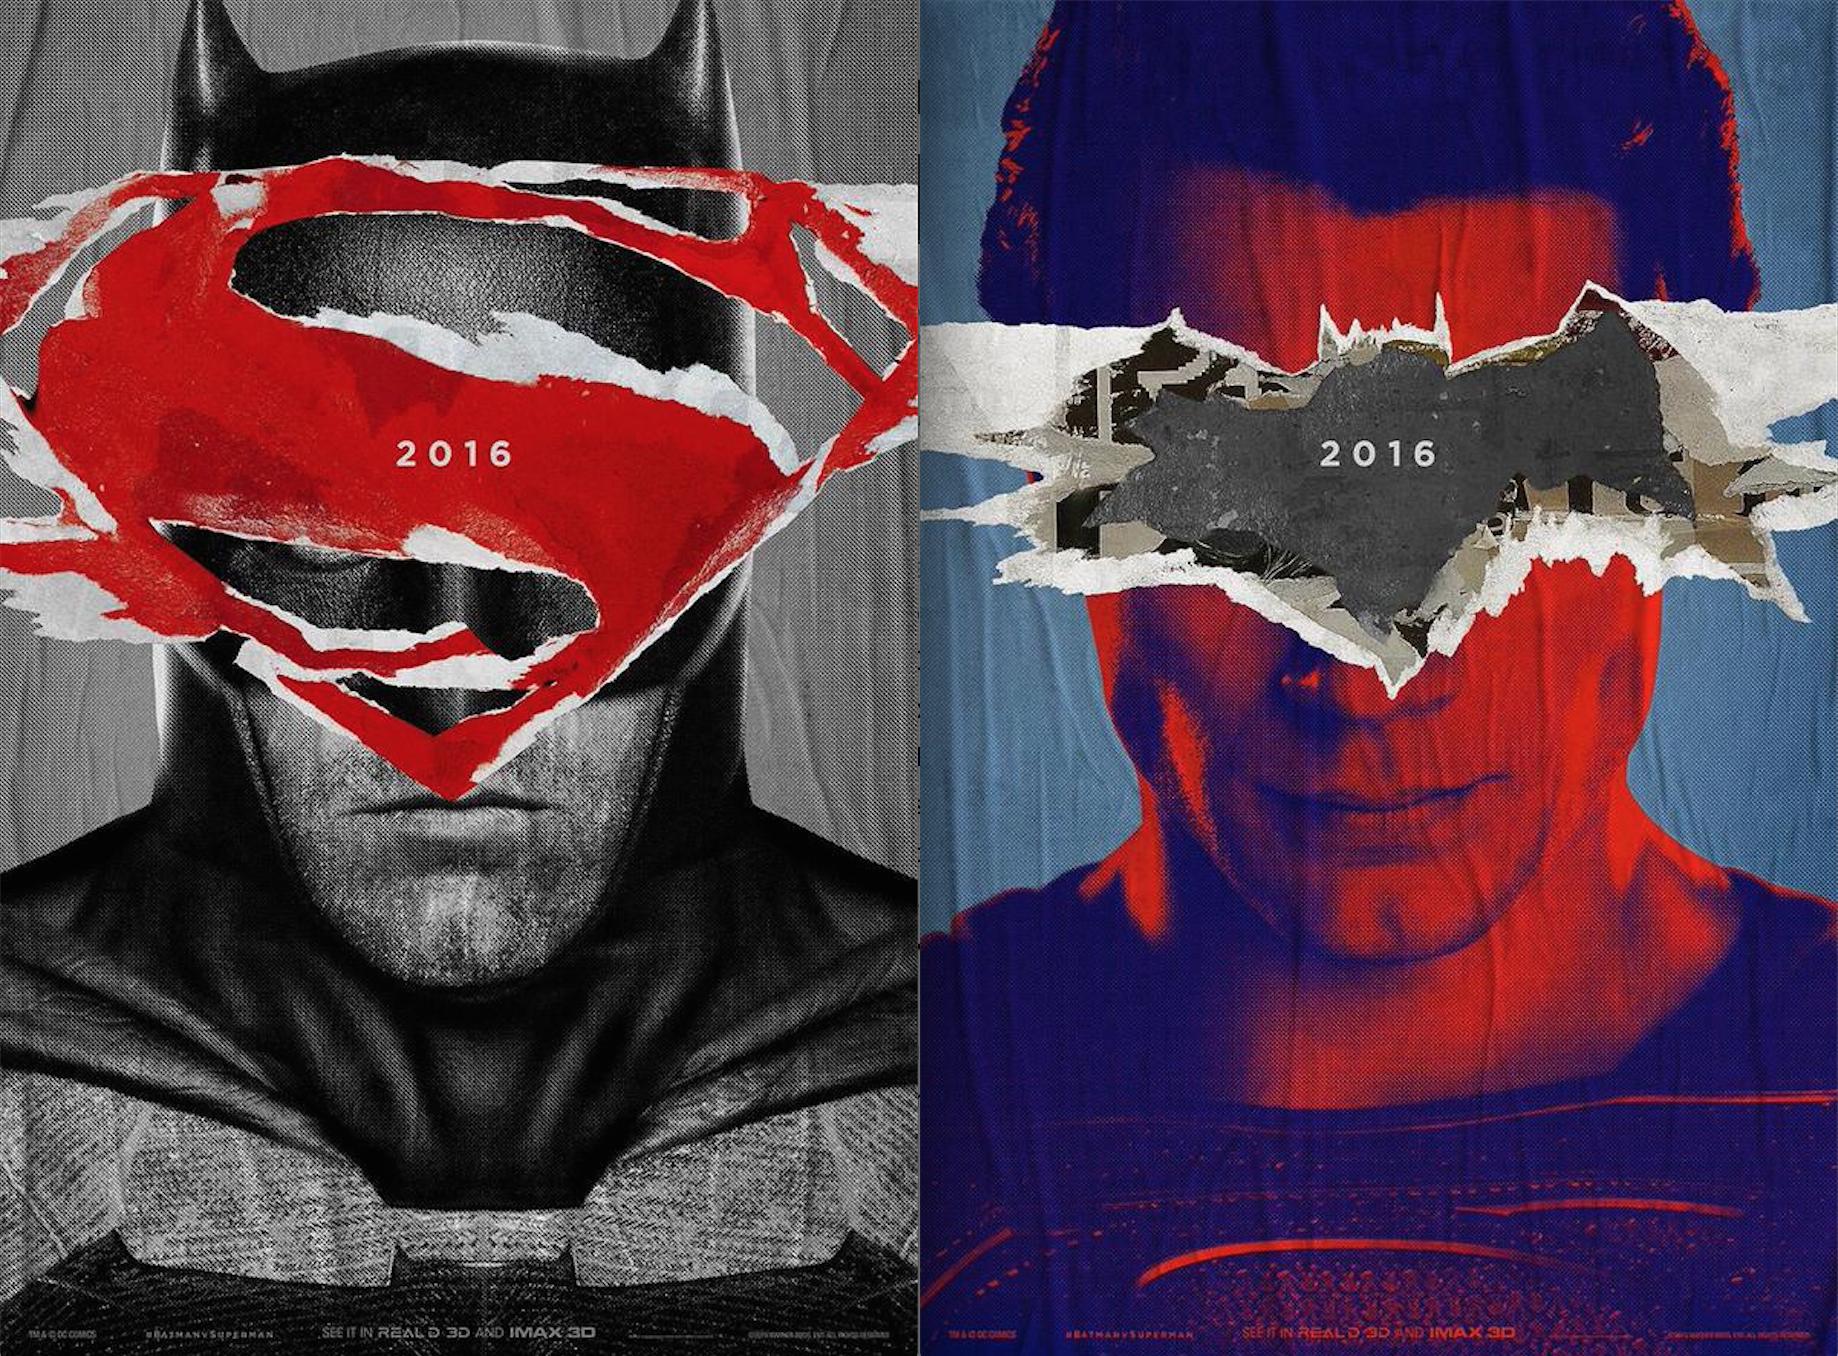 Batman V Superman Justice Suicide Squad Joker